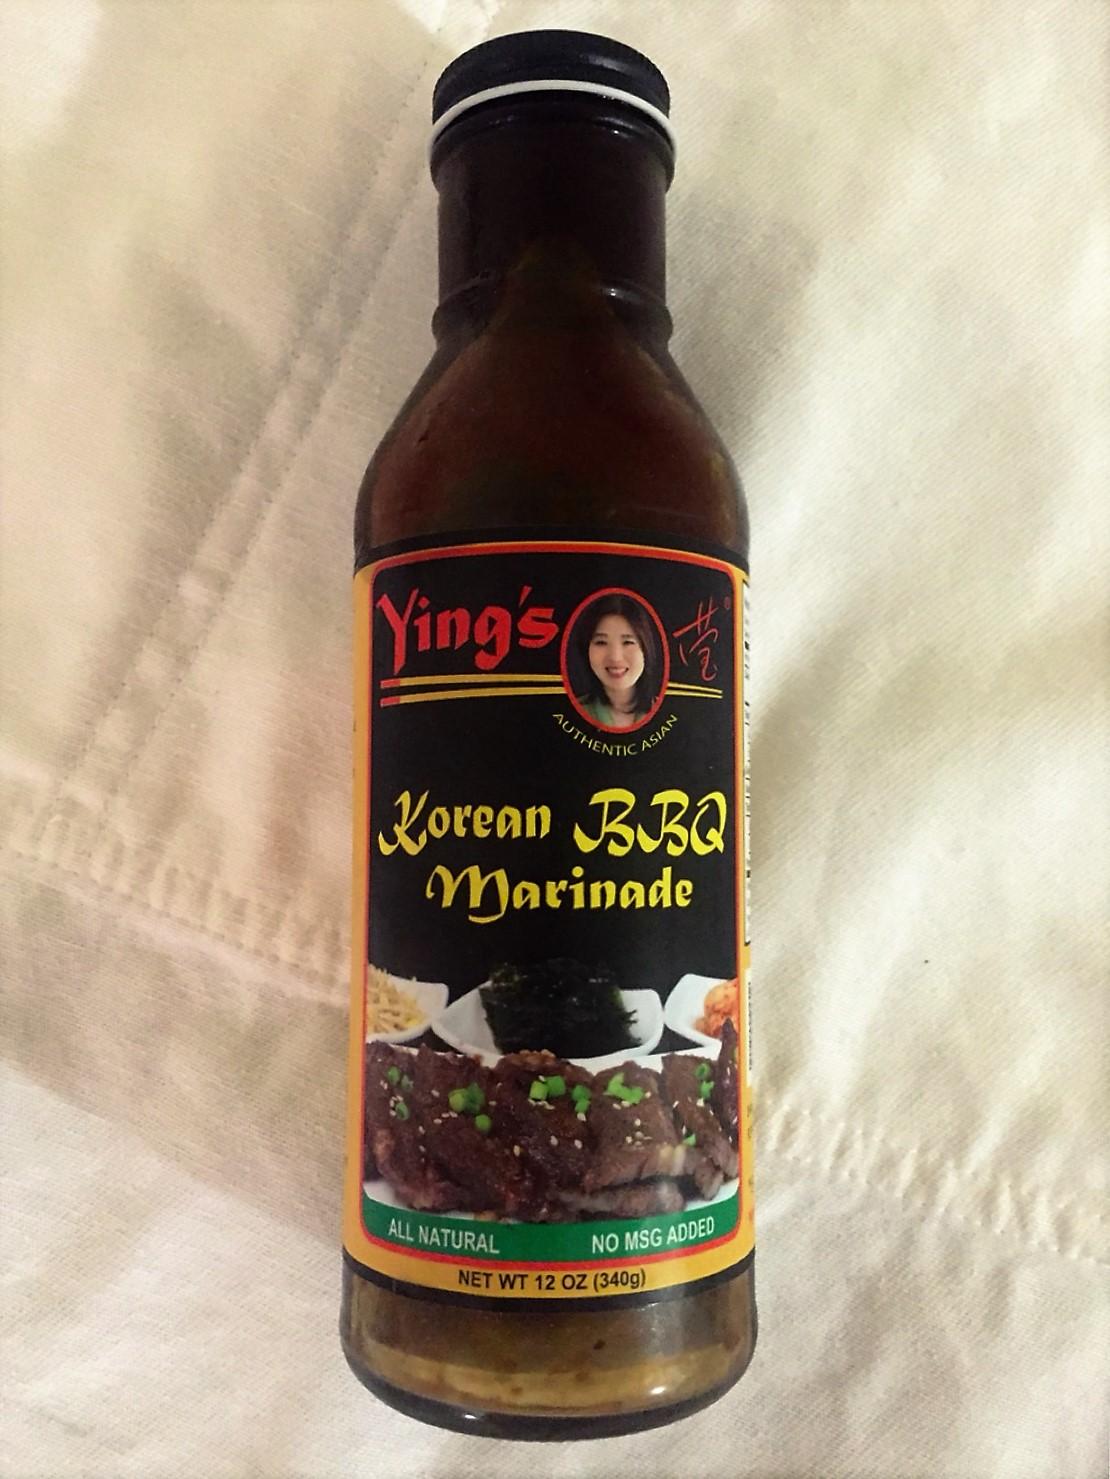 Ying's Korean BBQ Marinade - Best Bulgogi Marinade Sauce on Shelves Today